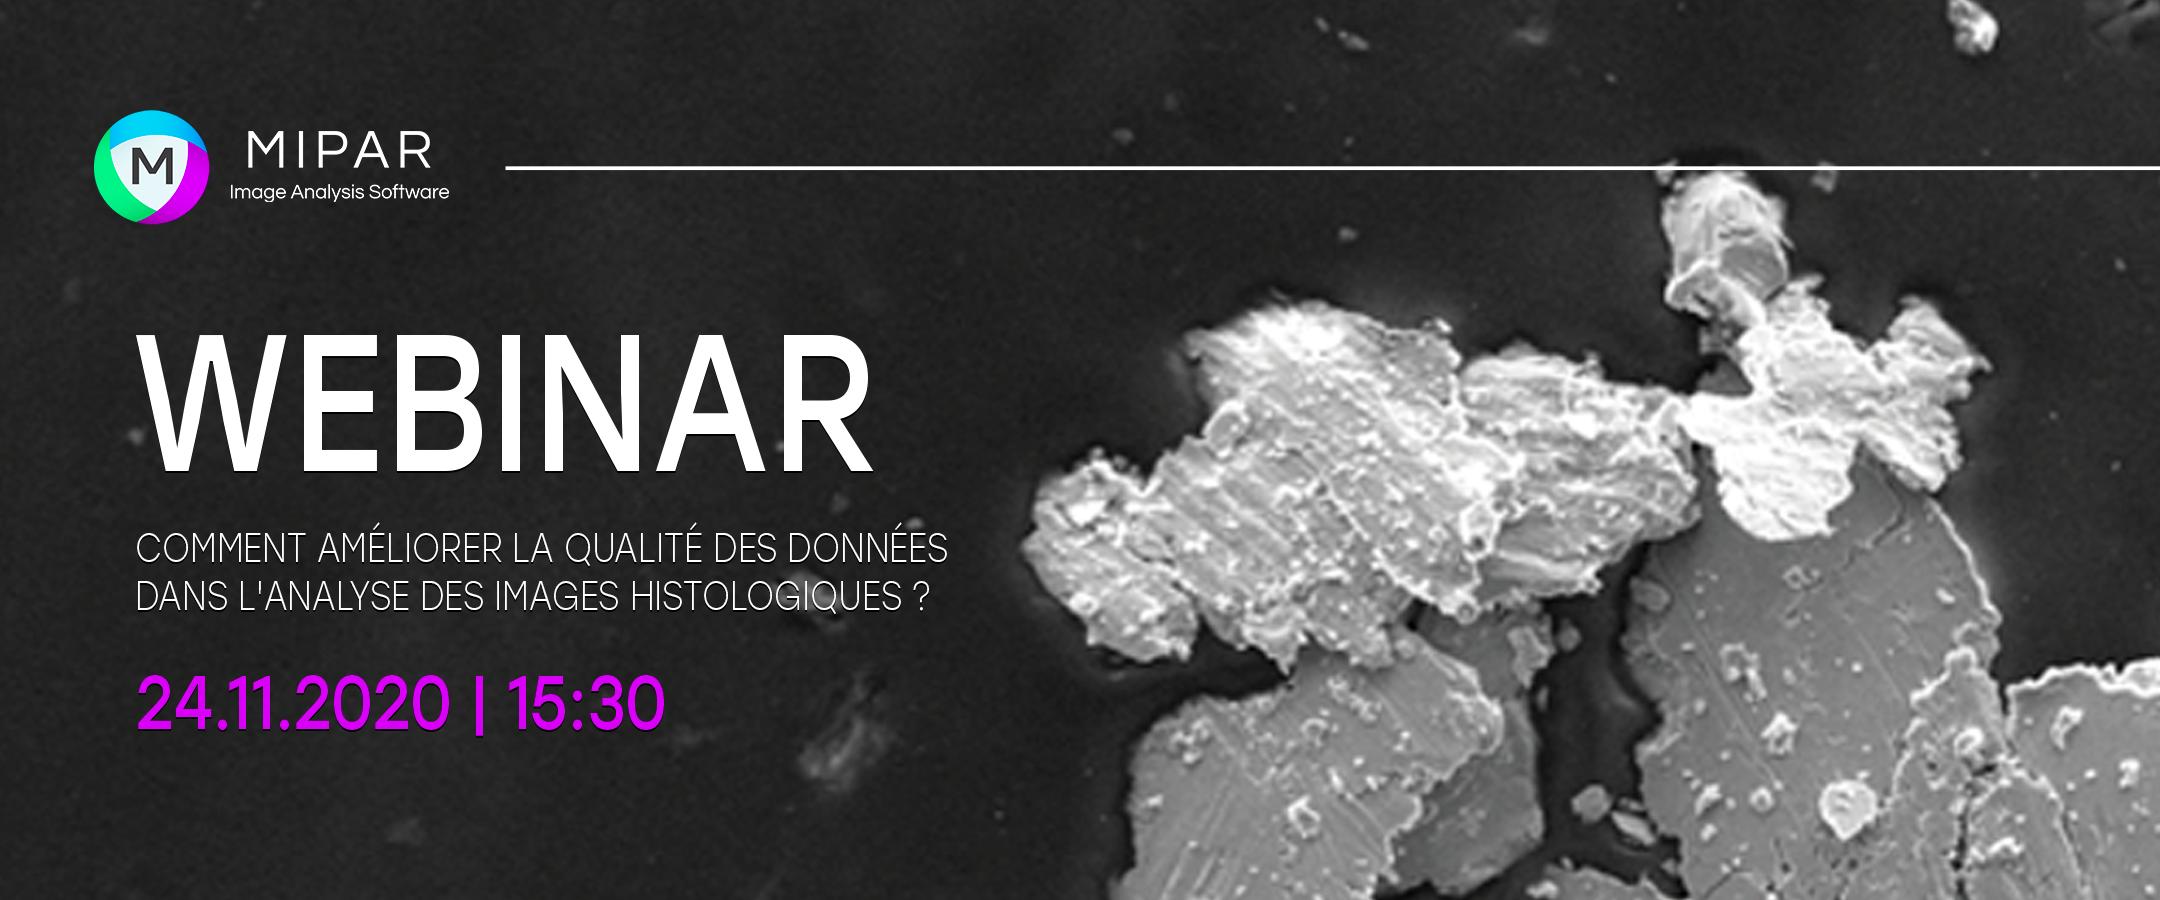 Webinar MIPAR – Comment améliorer la qualité des données dans l'analyse d'images histologiques